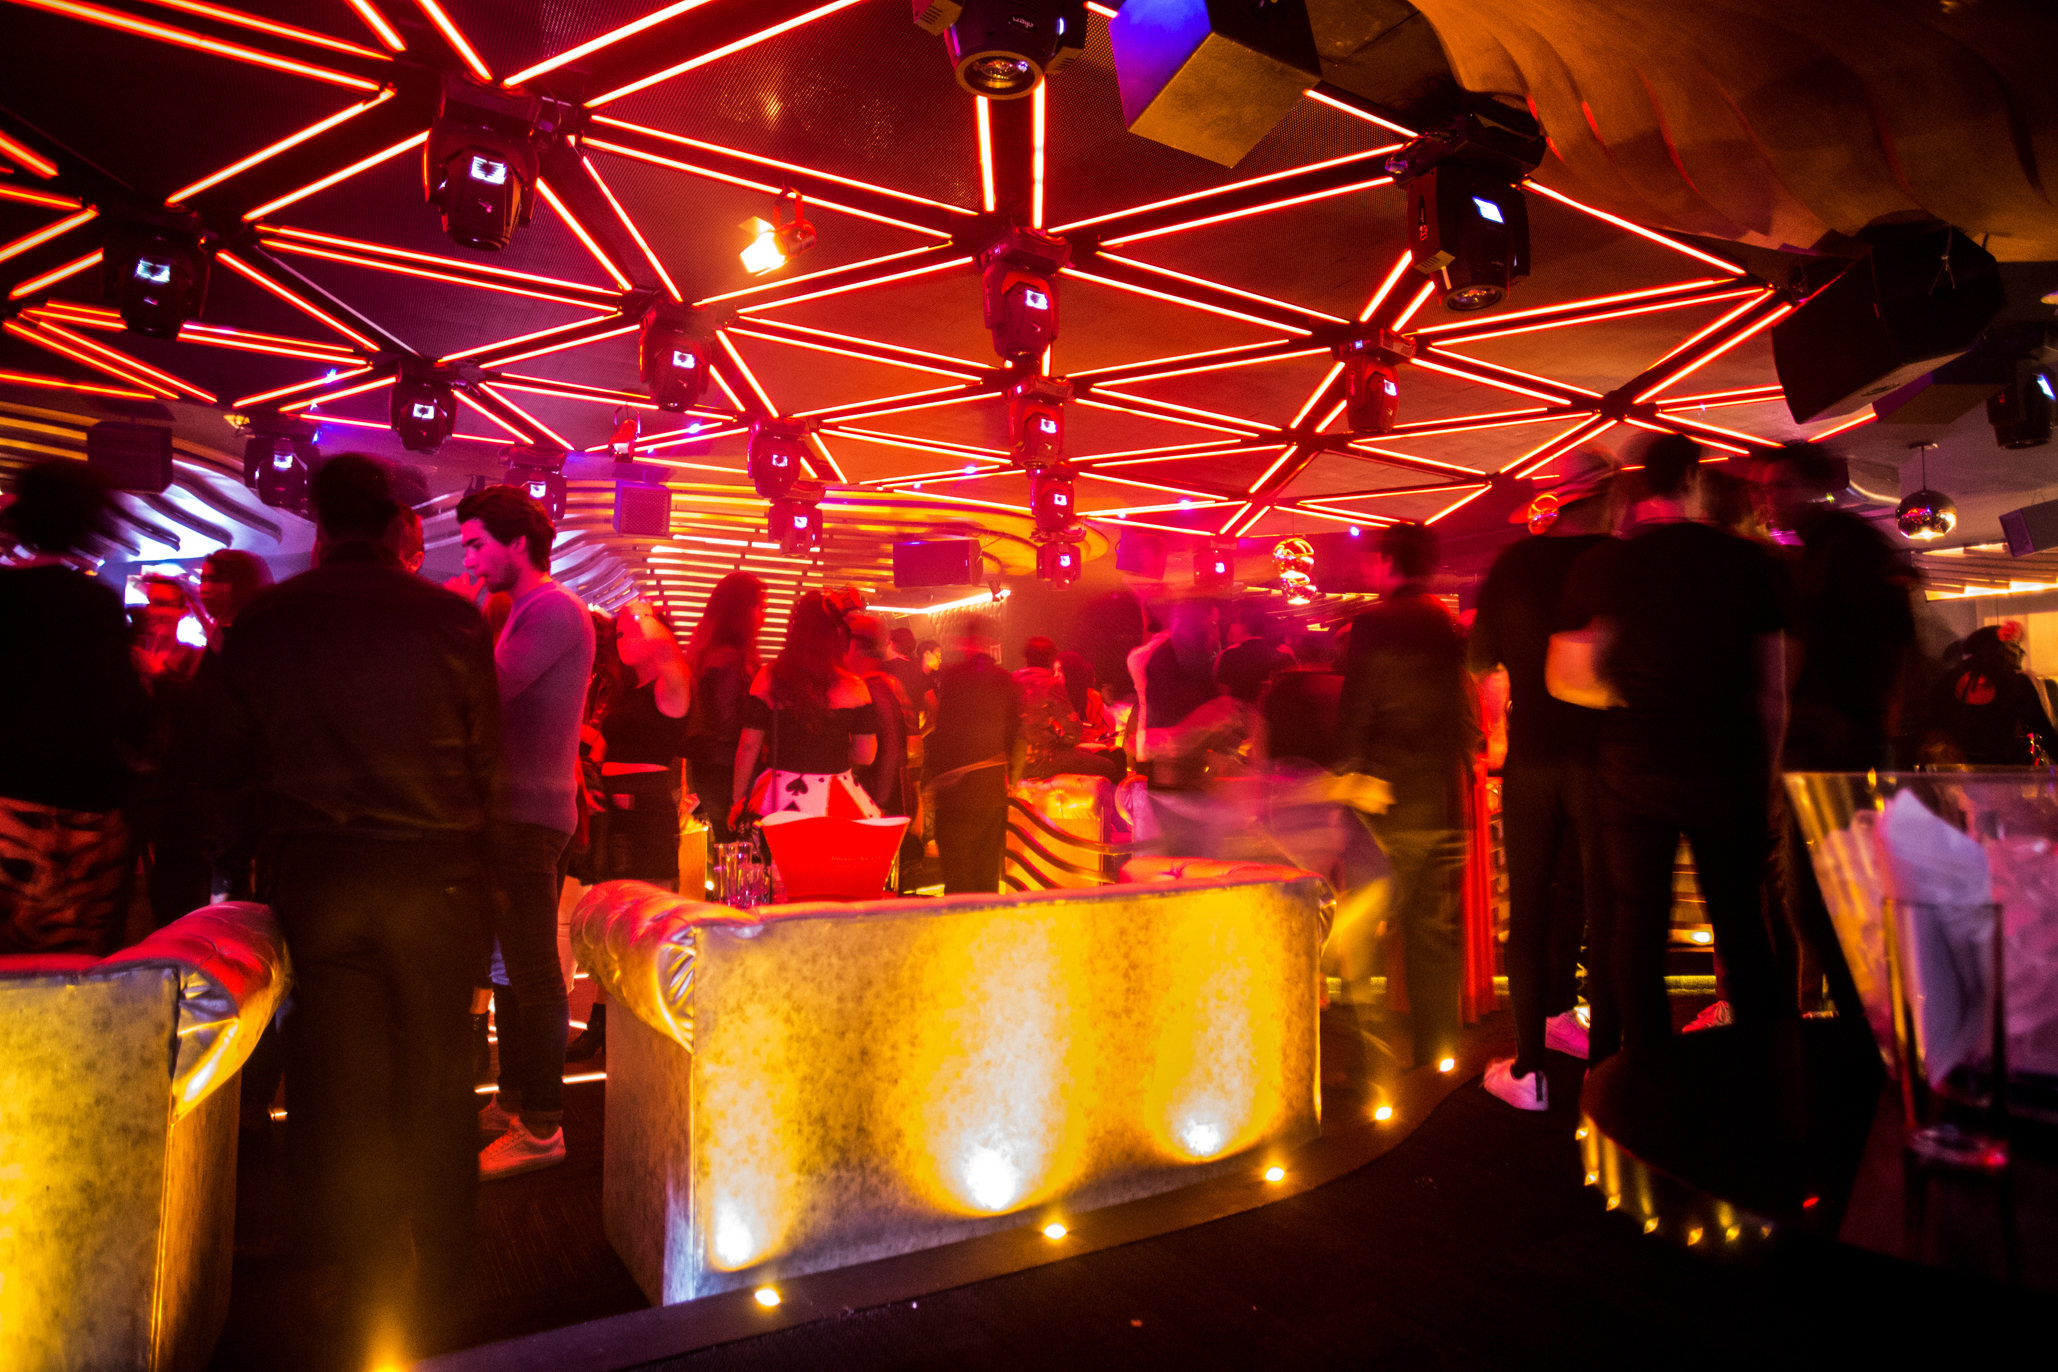 Antros En Las Vegas Descubre Bares Y La Vida Nocturna En: Antros Y Bares. Los Mejores Lugares Para Disfrutar La Vida